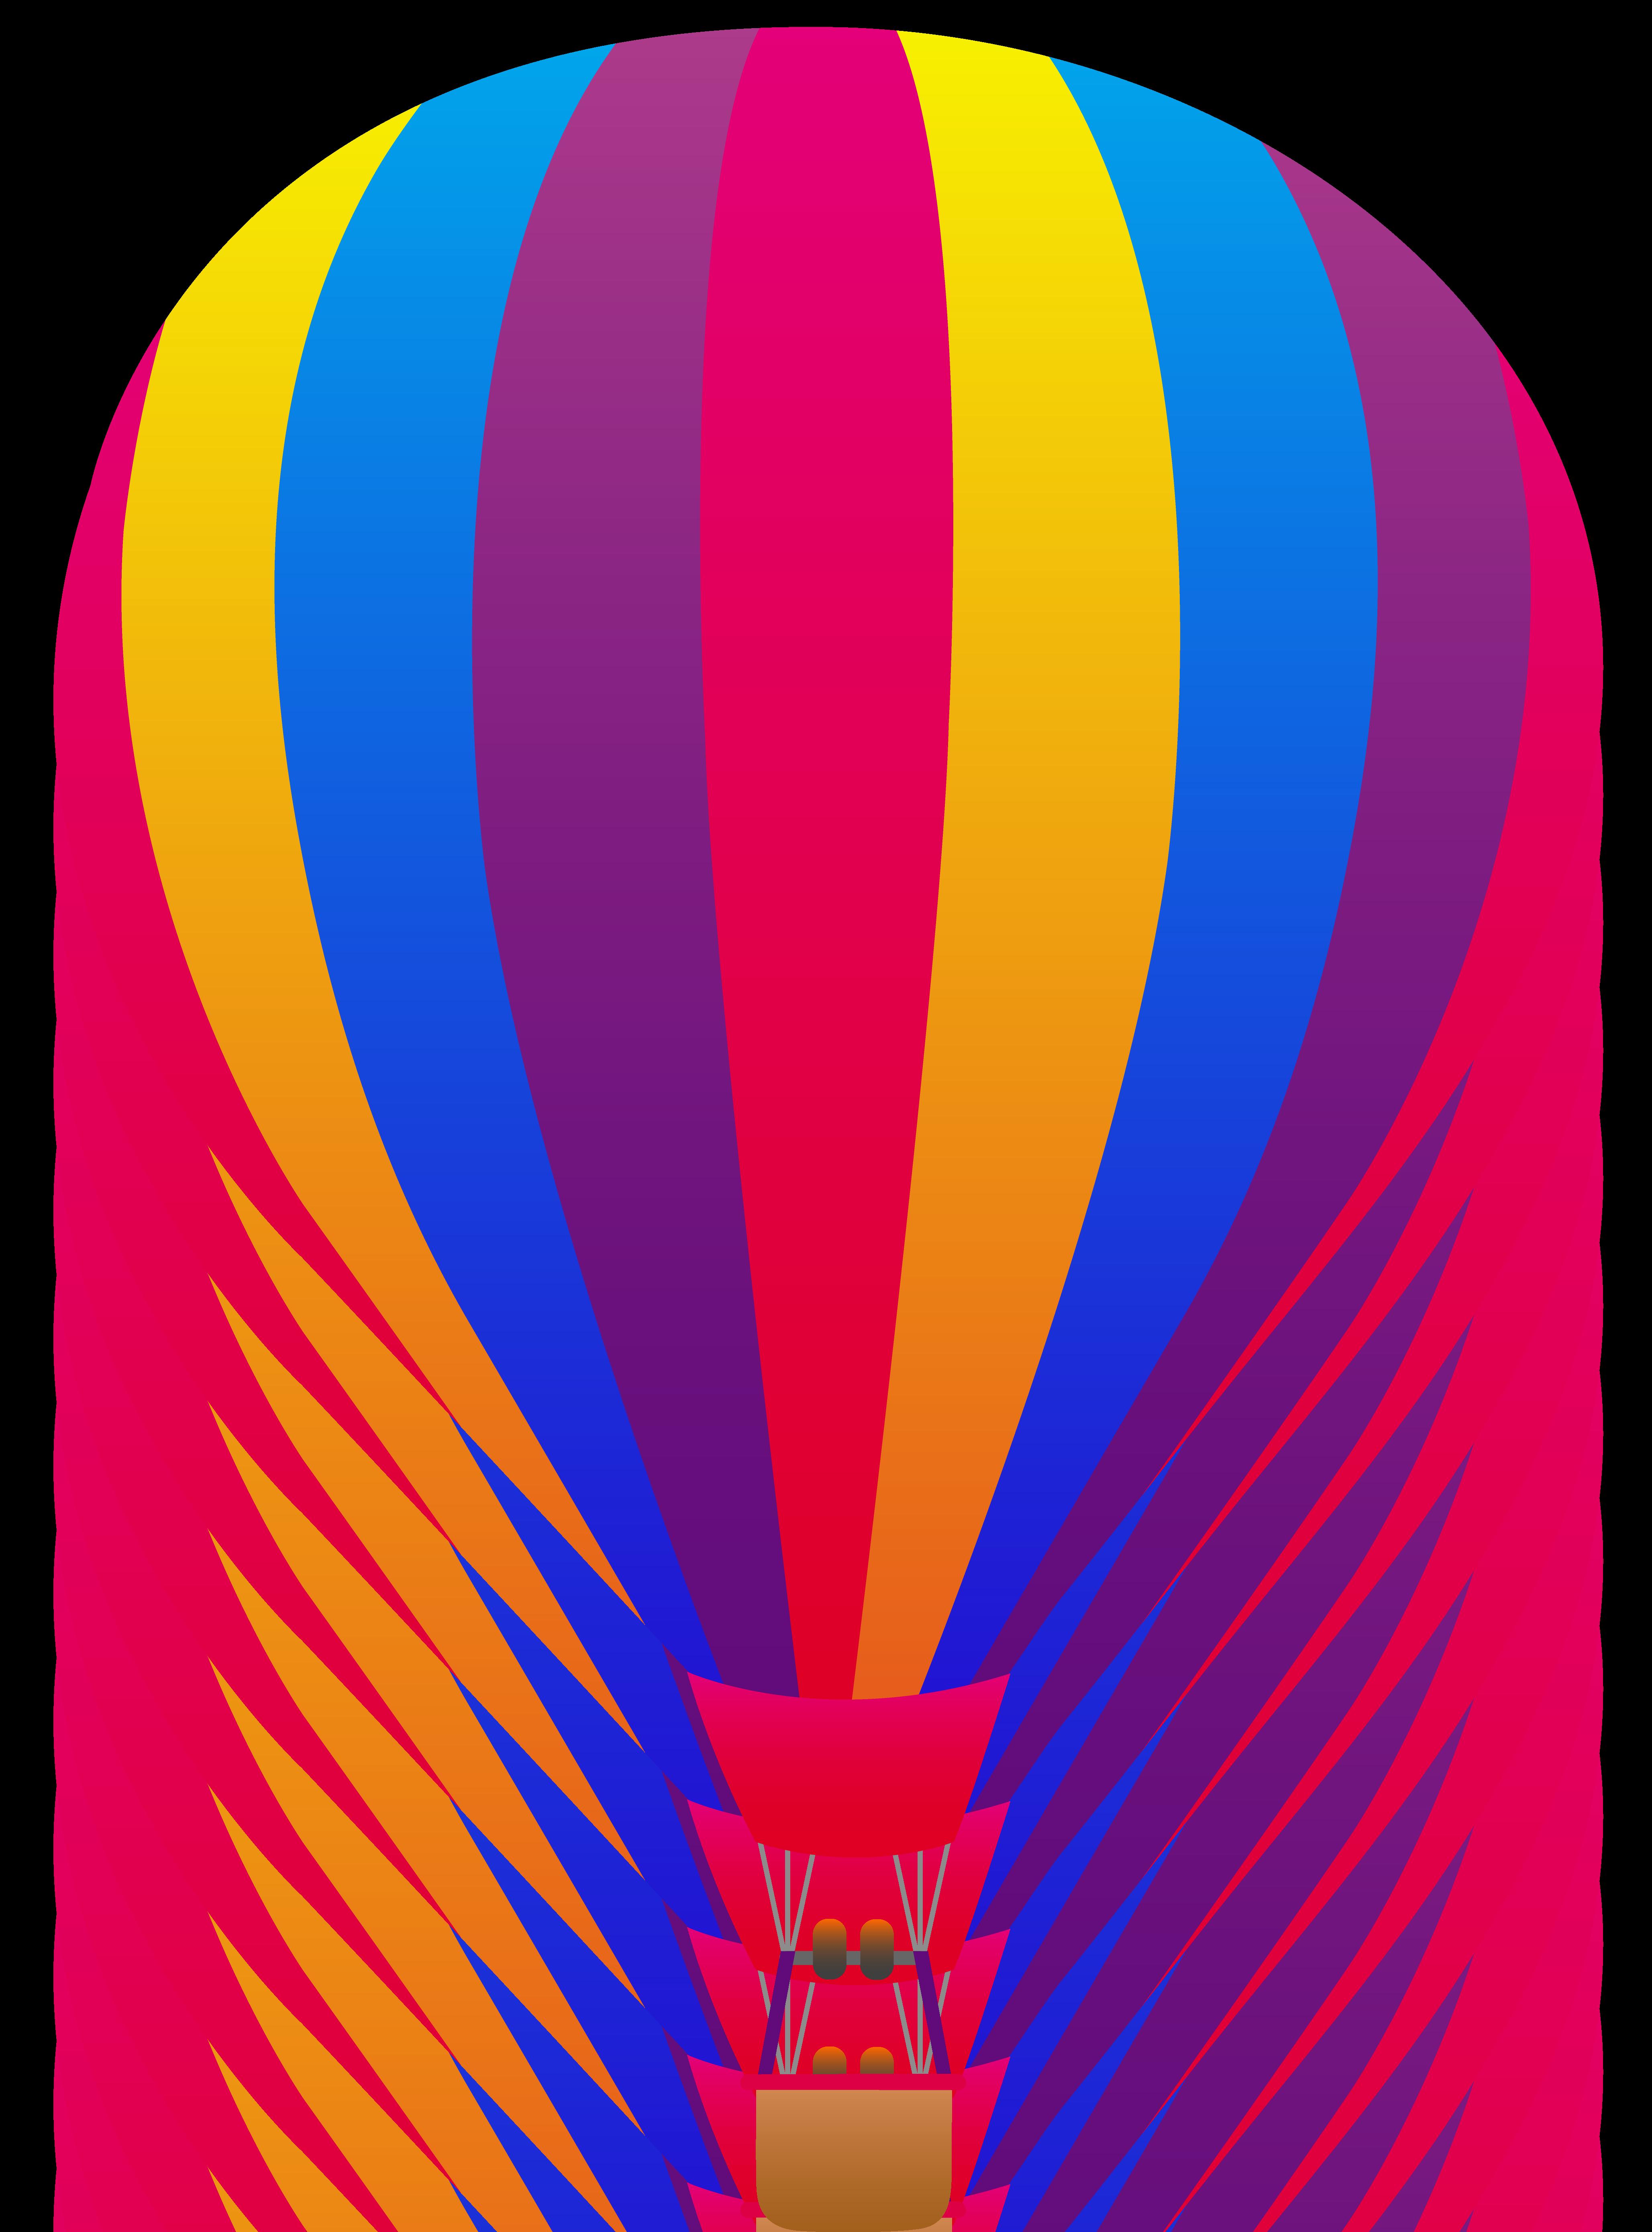 4114x5559 Cute Hot Air Balloon Free Clipart Images